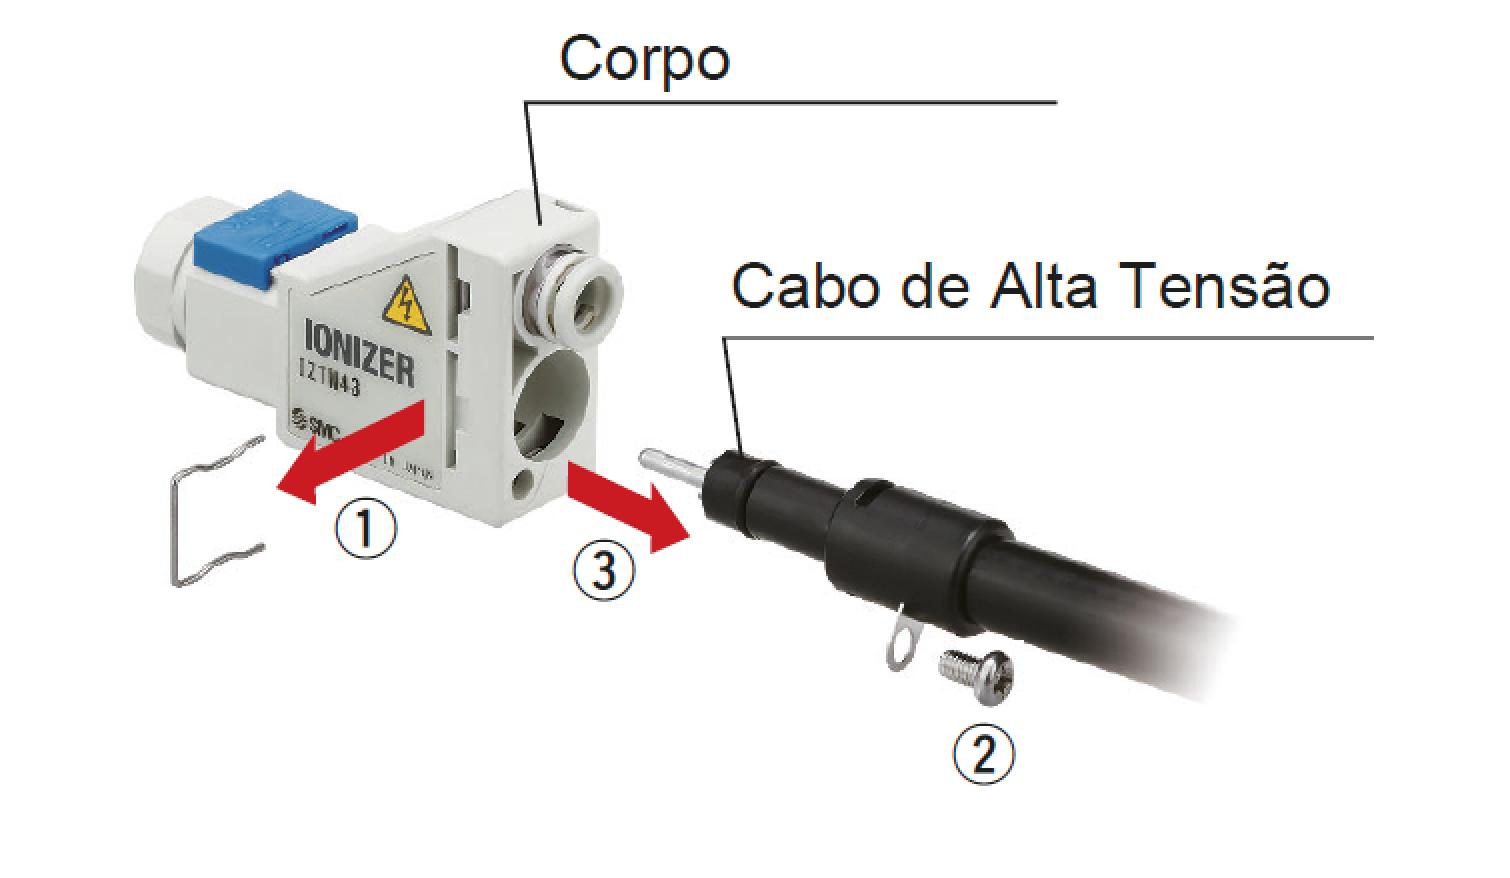 Instalação/remoção do cabo de alta tensão